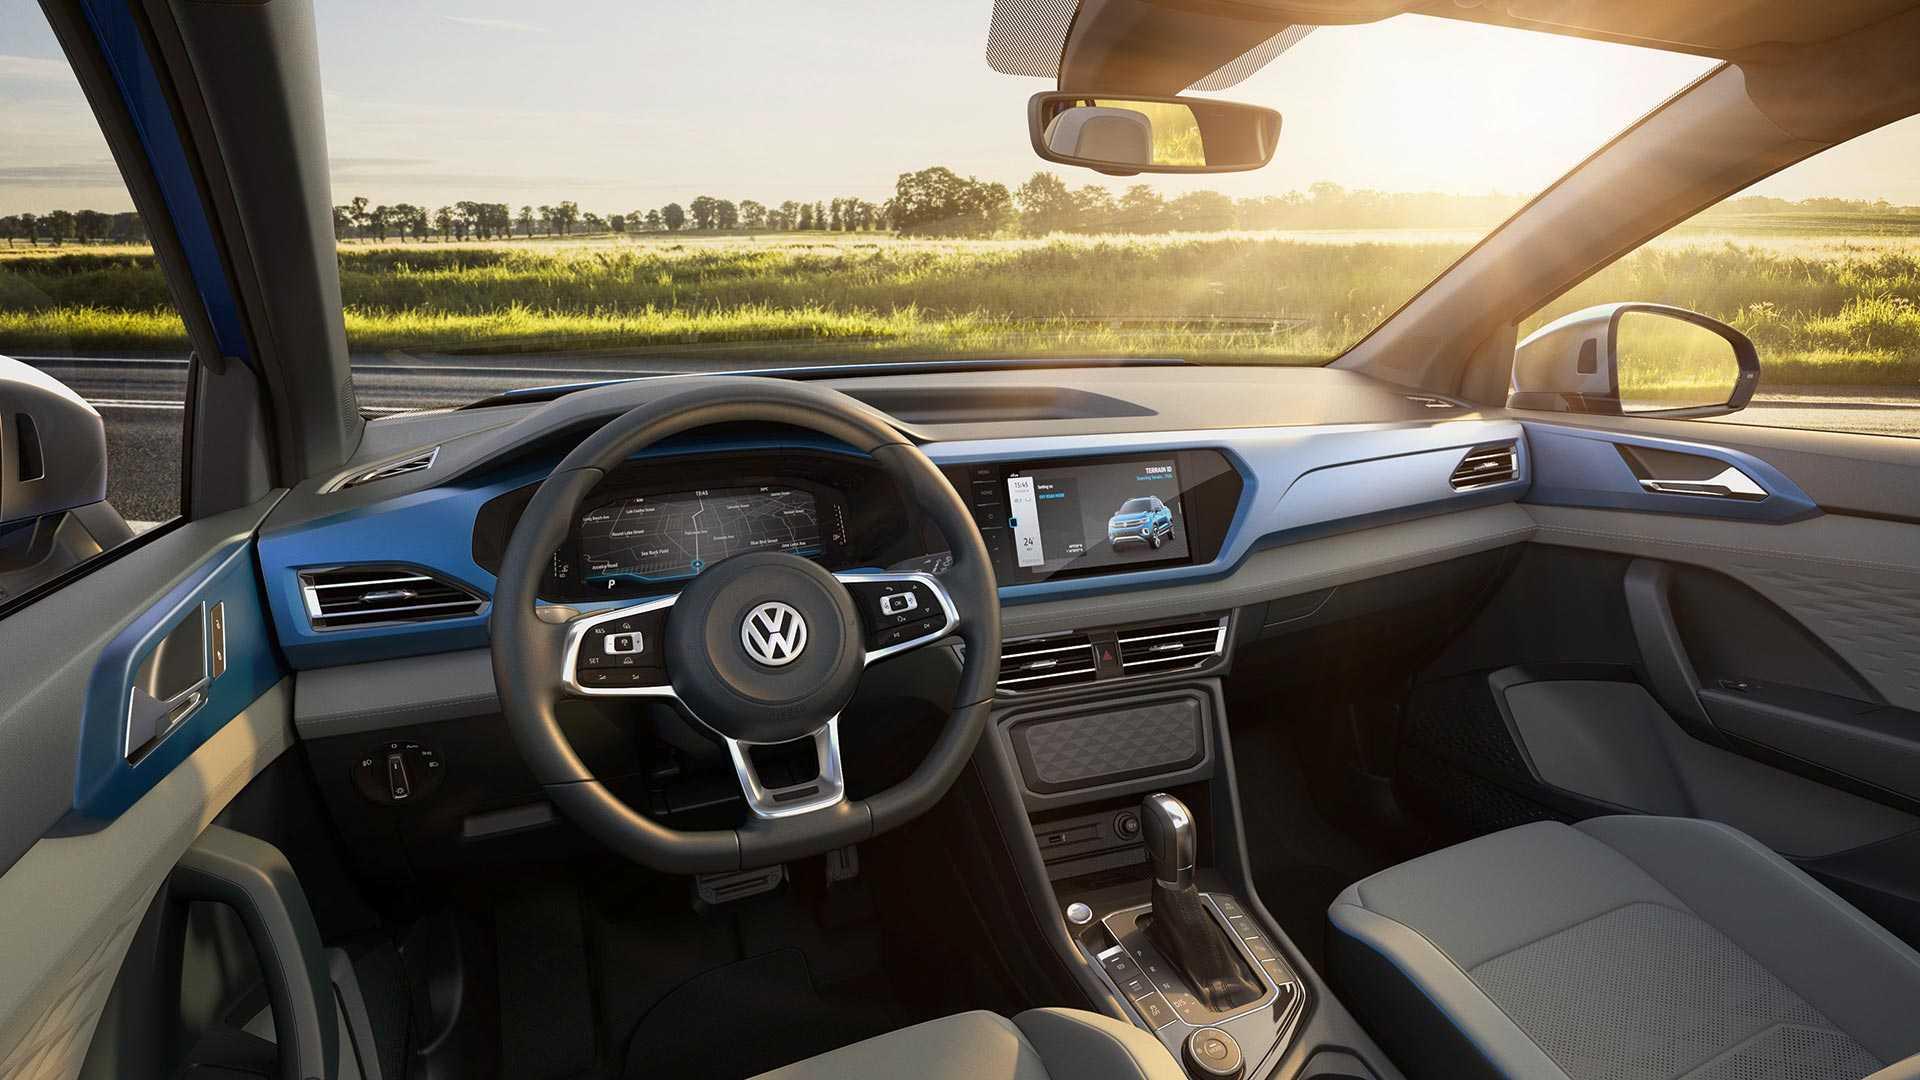 Volkswagen привёз концептуальный пикап Tarok в Нью-Йорк 3